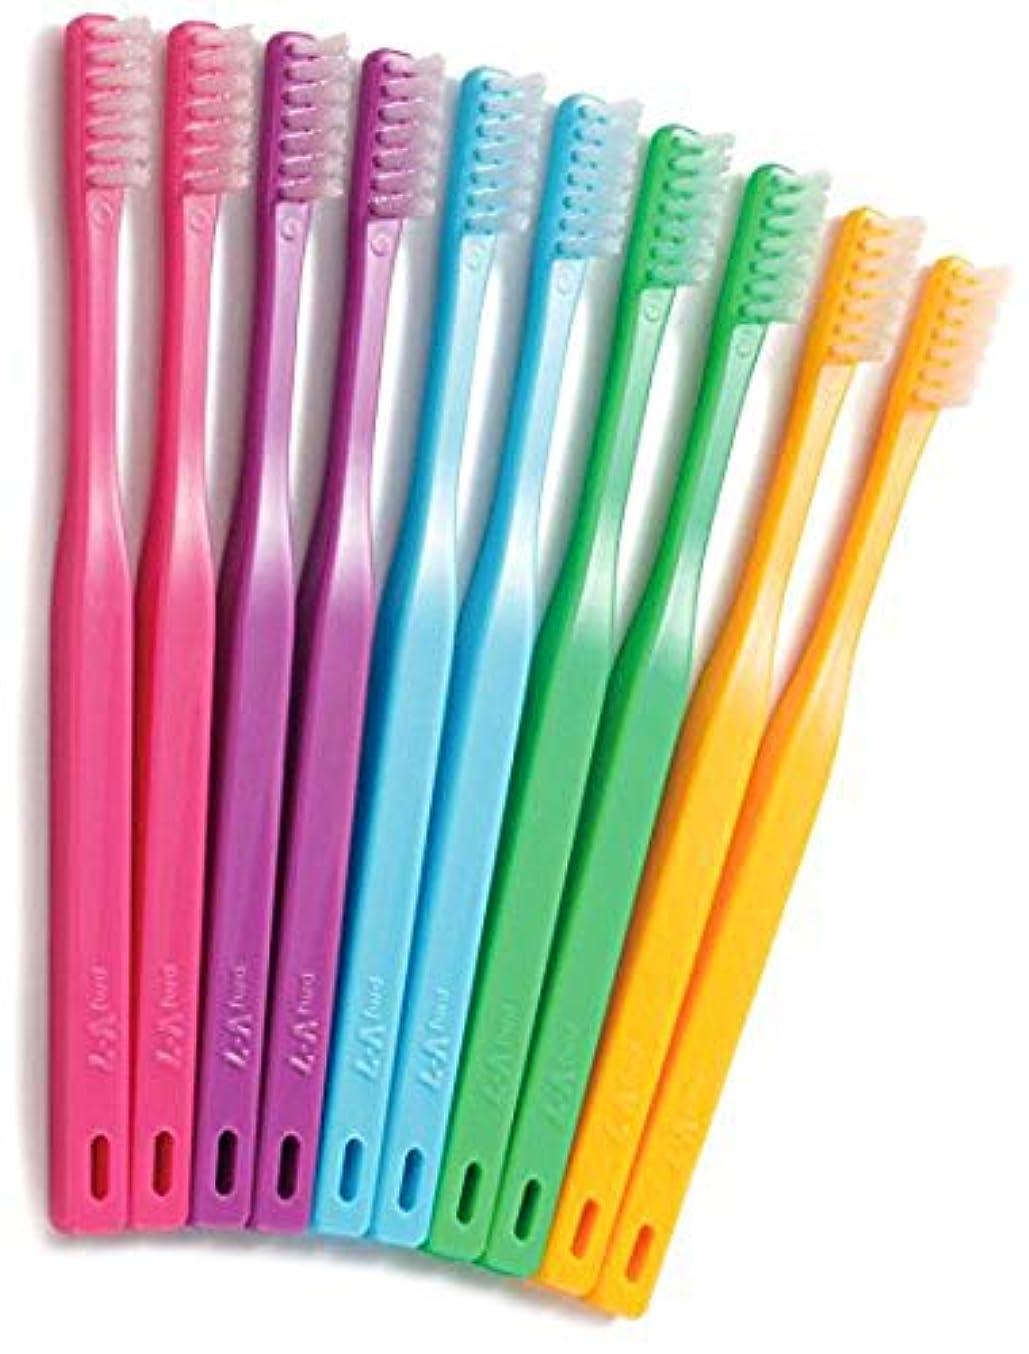 防ぐ剃る横向きつまようじ法歯ブラシ V-7 ビビッドカラー レギュラーヘッド 1本